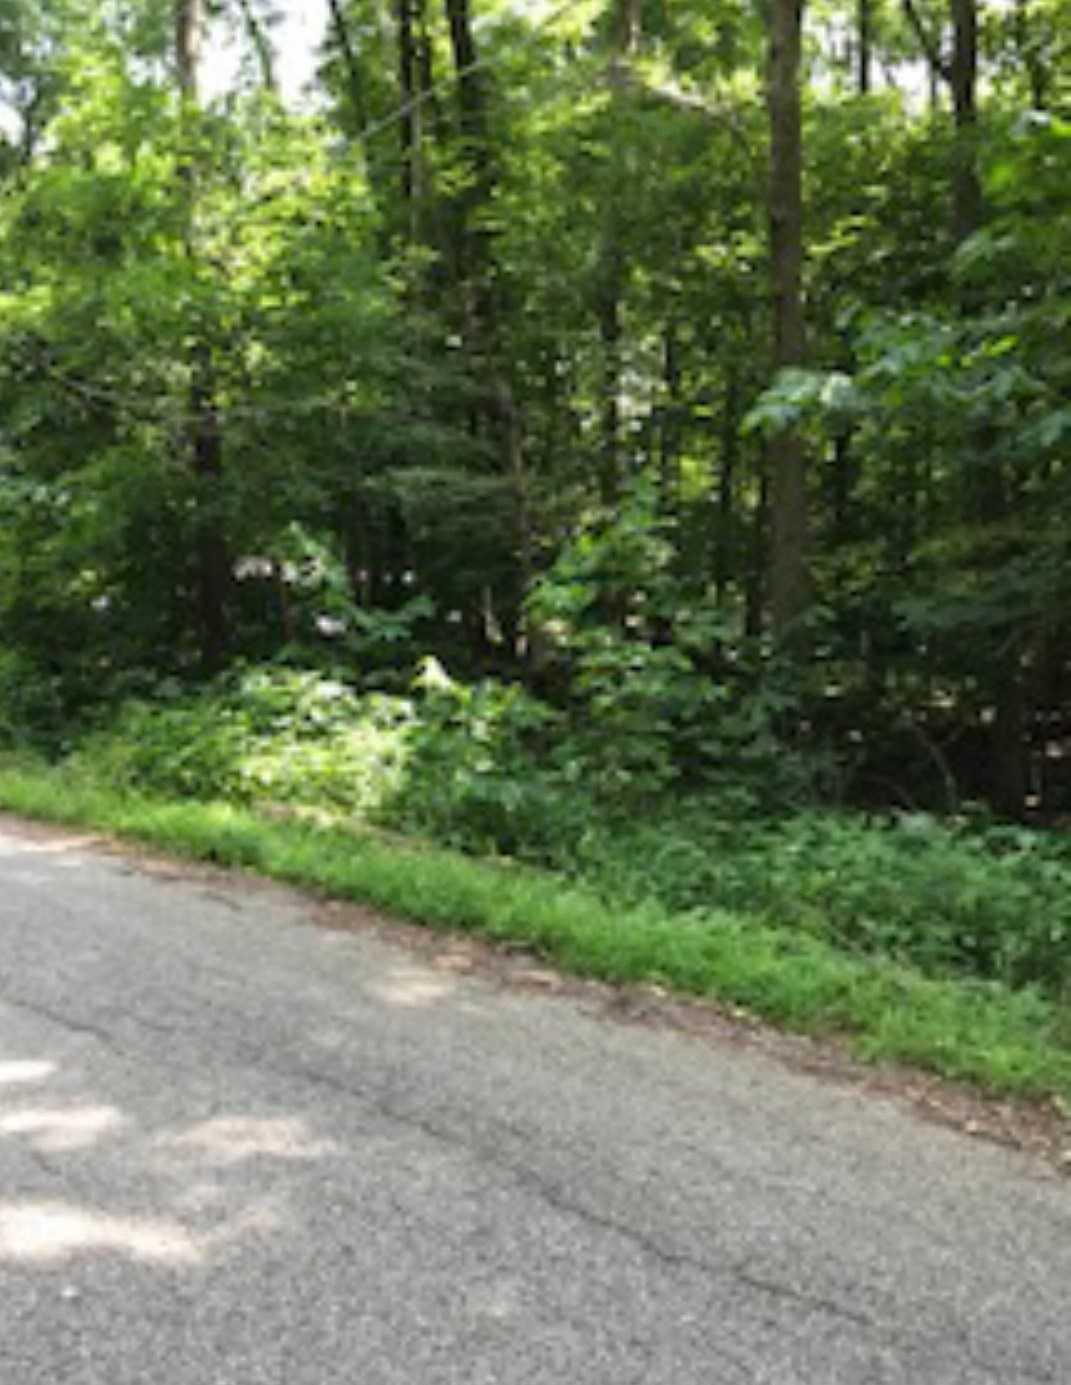 TBD Lot 1, Woodland Trail Warsaw,IN 46580 201928890